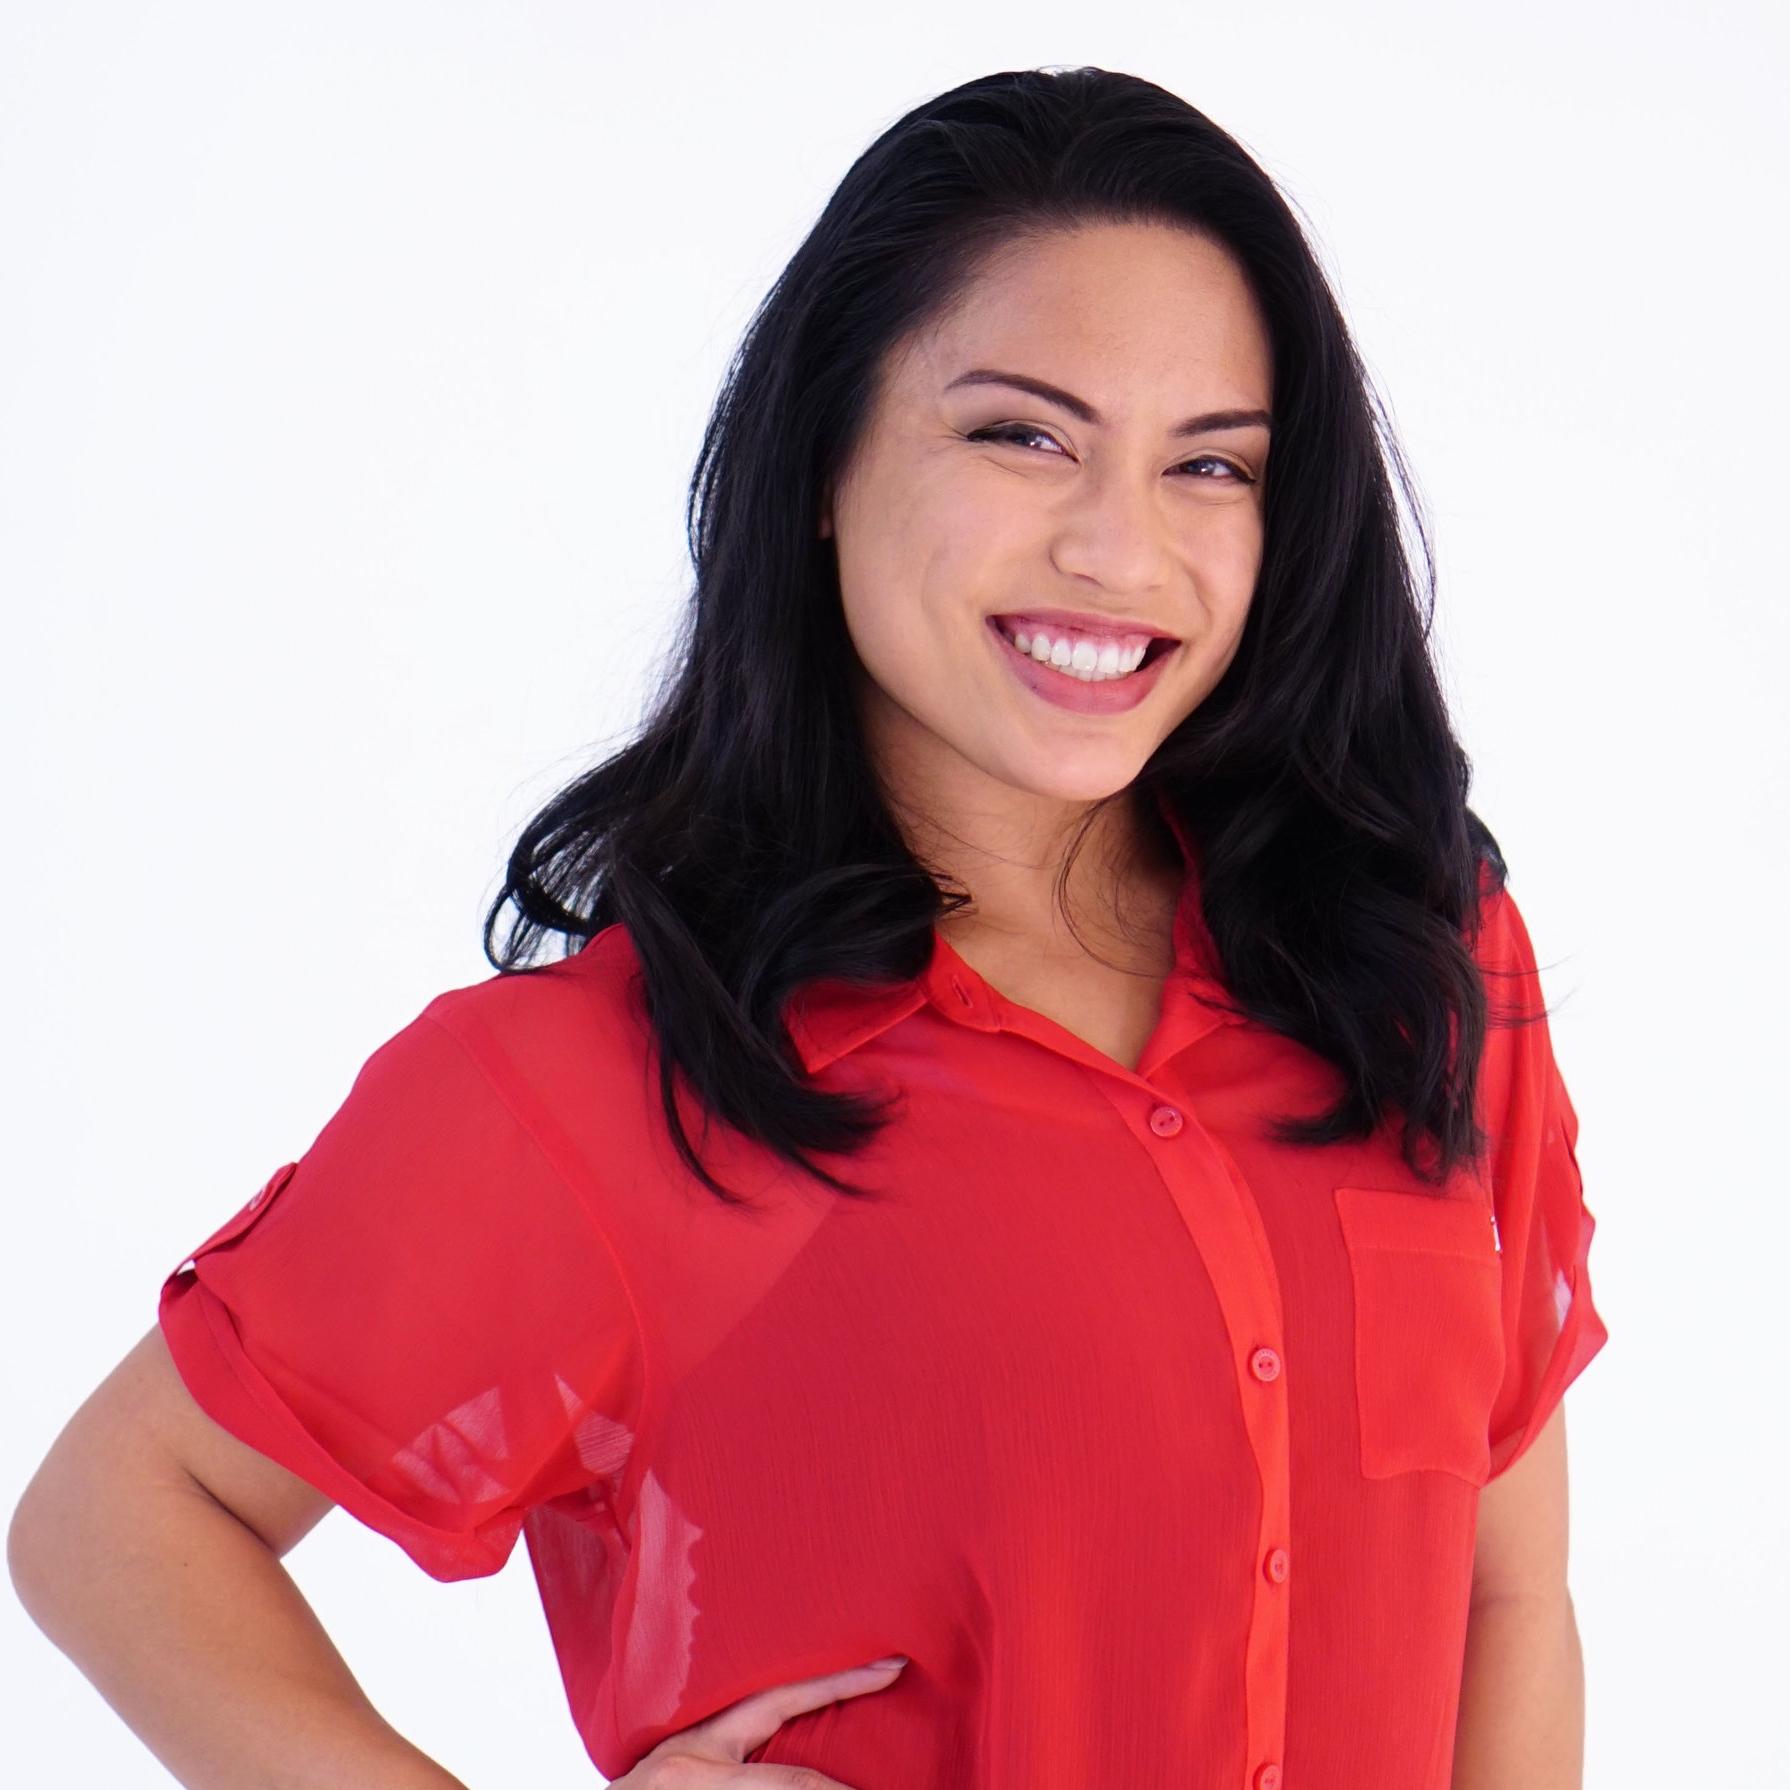 Lauren Jose